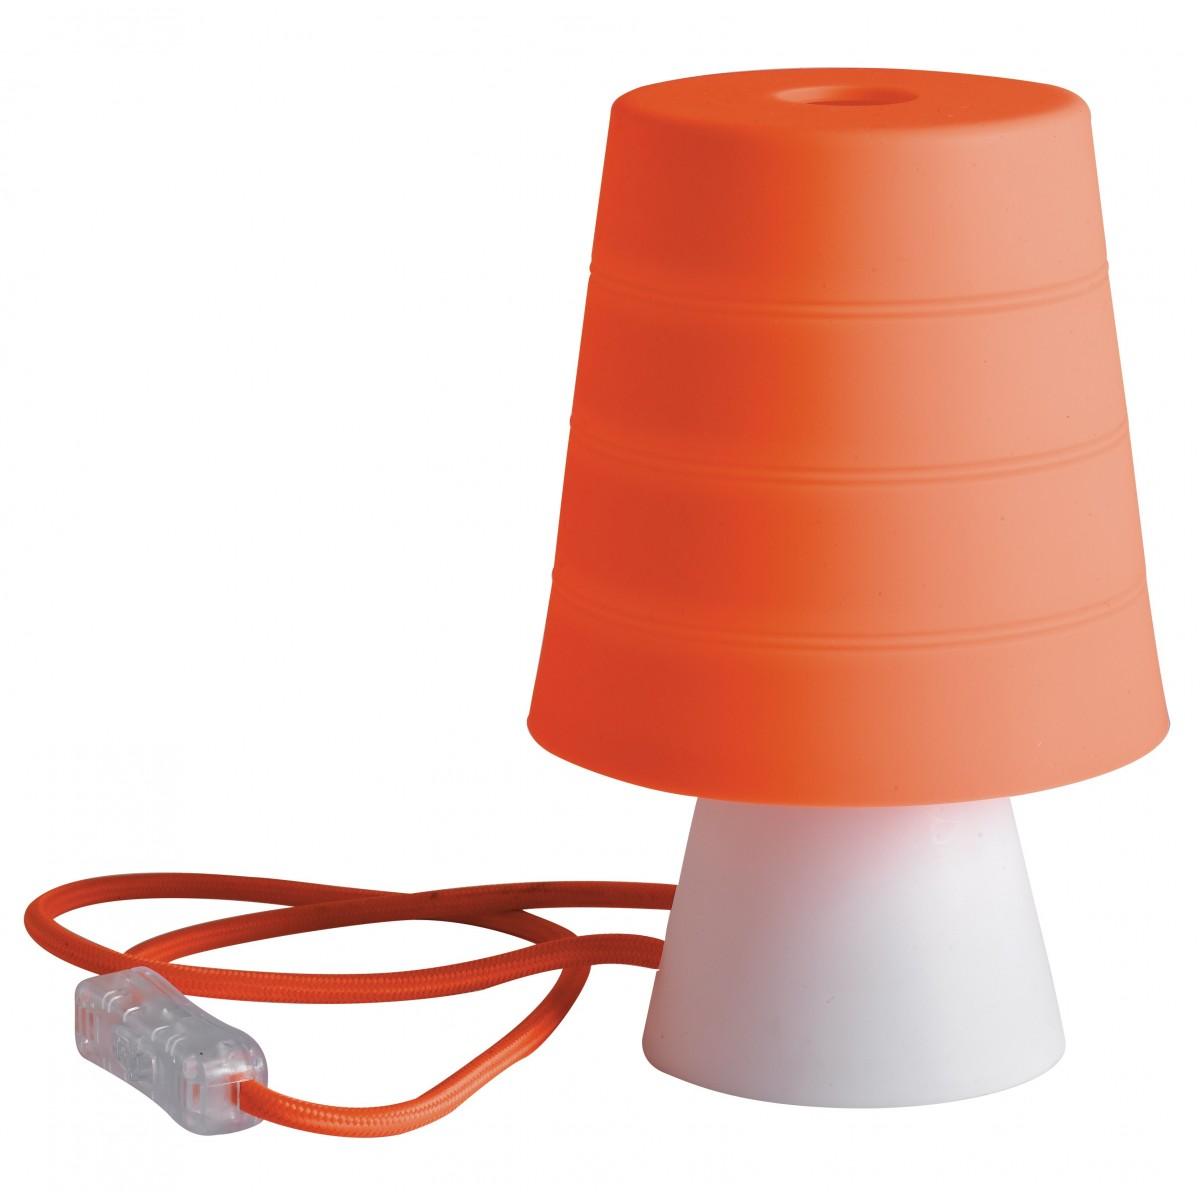 I DRUML ARA Lampada da tavolo originale in silicone color arancio 40 watt E14